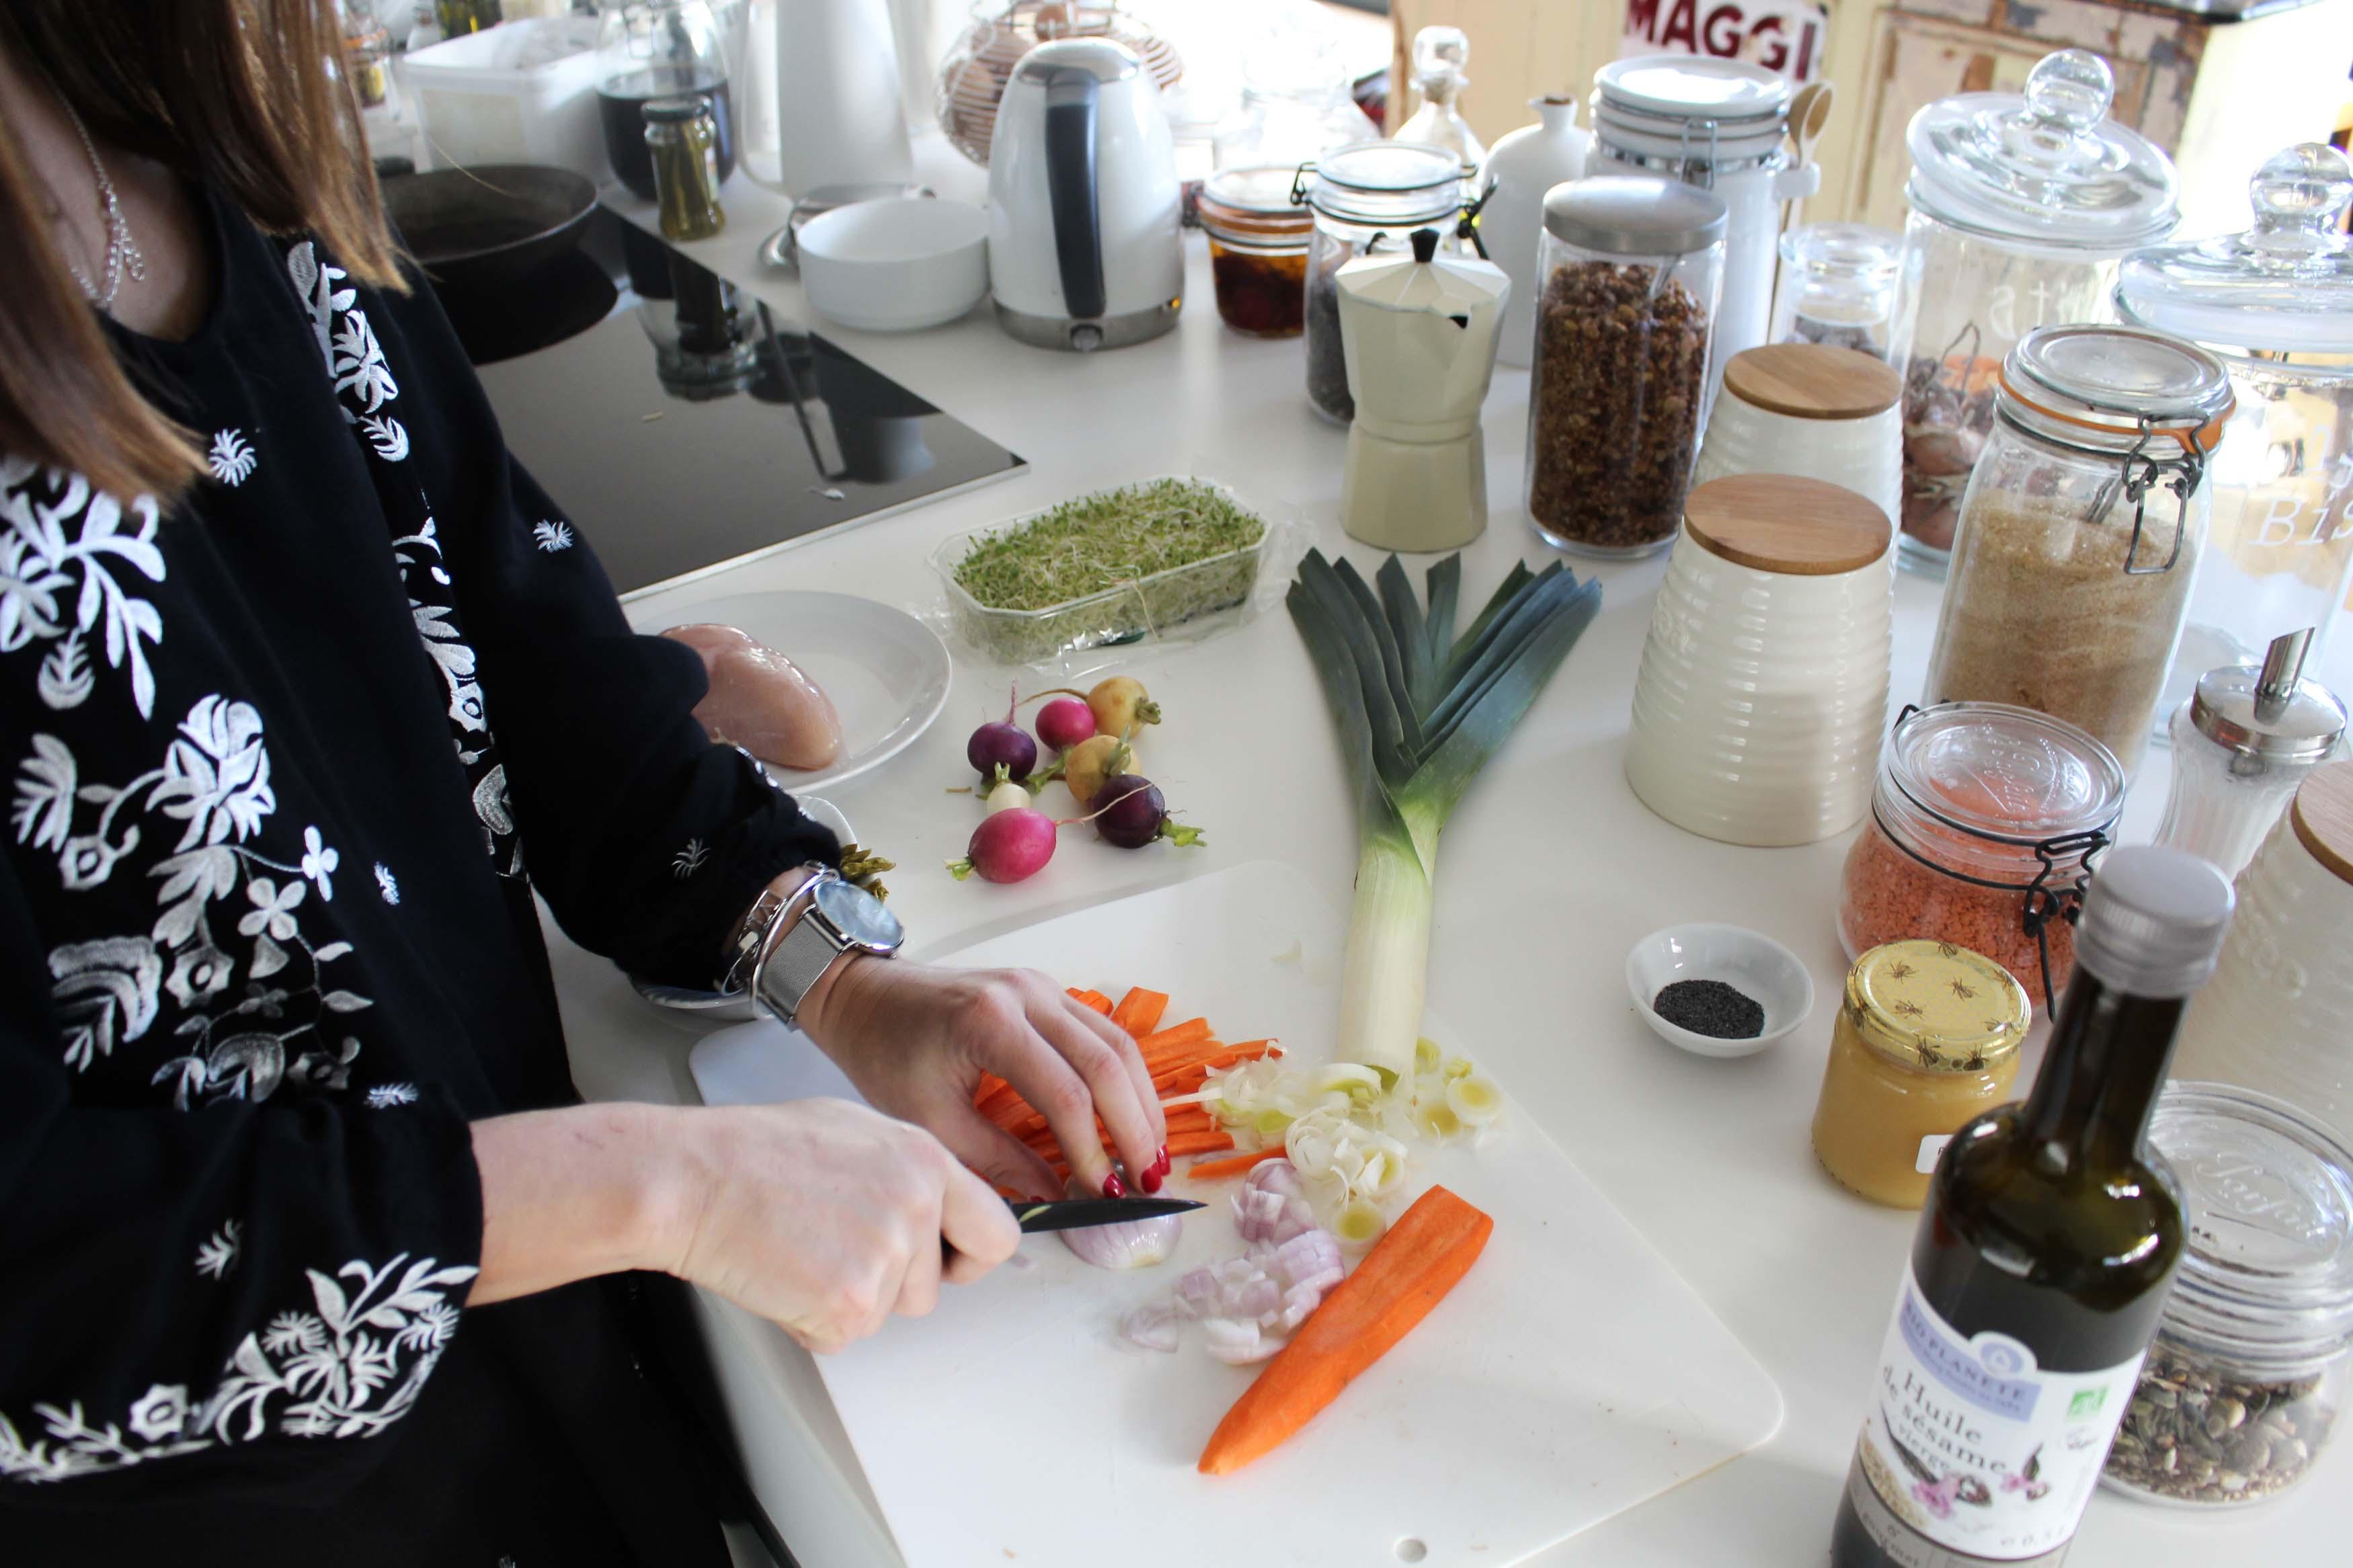 cuisine-westwing-recette-linstantflo-15-sur-27